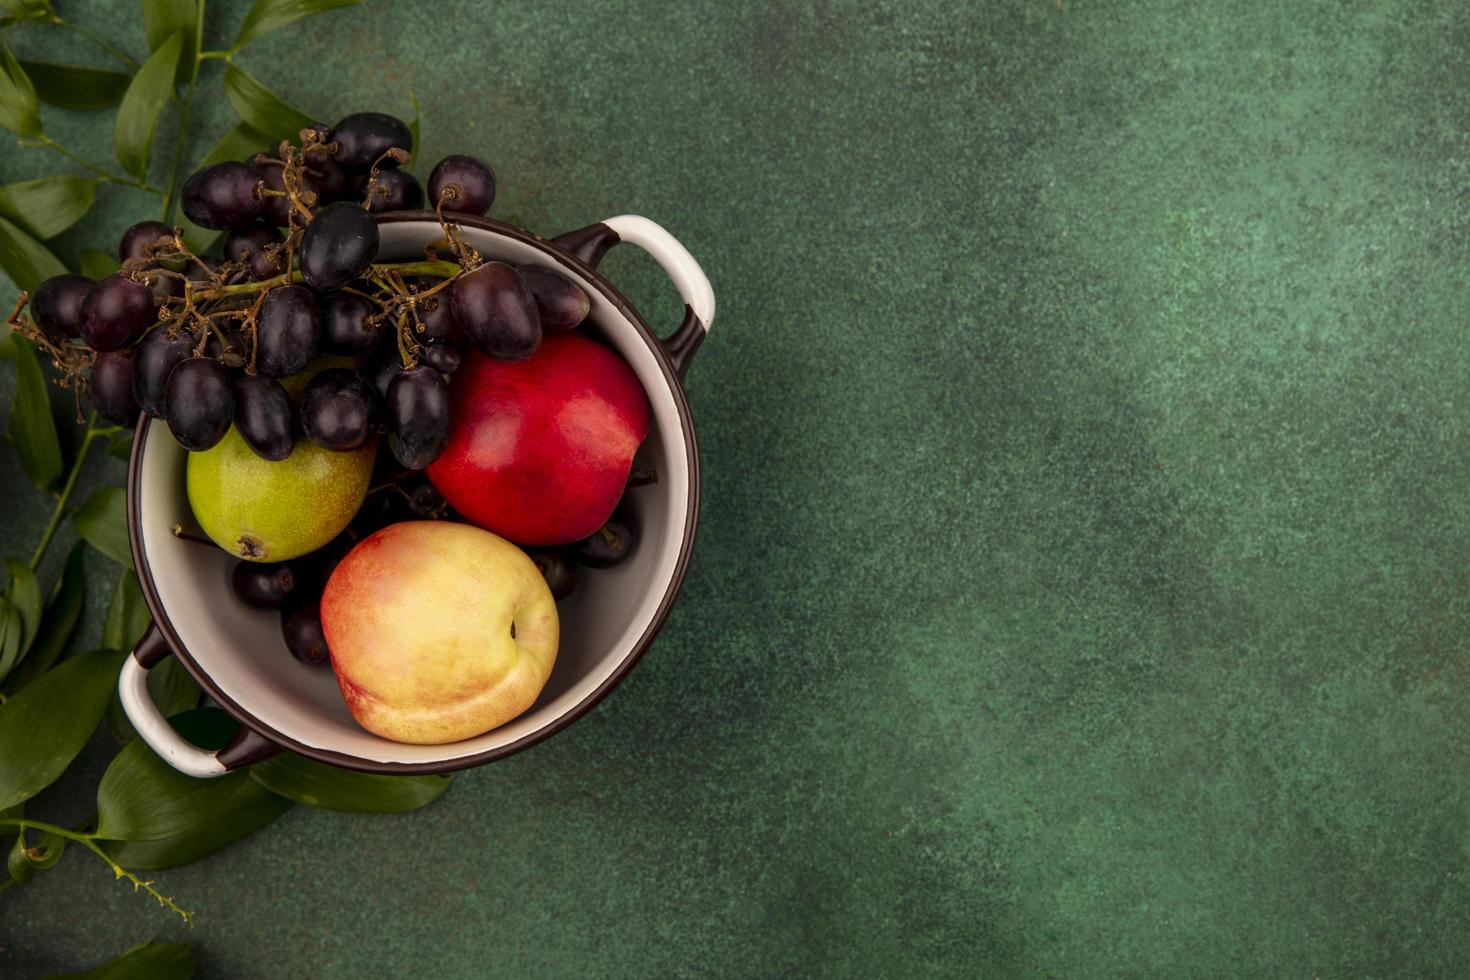 sortierte Frucht in einer Schale auf grünem Hintergrund foto